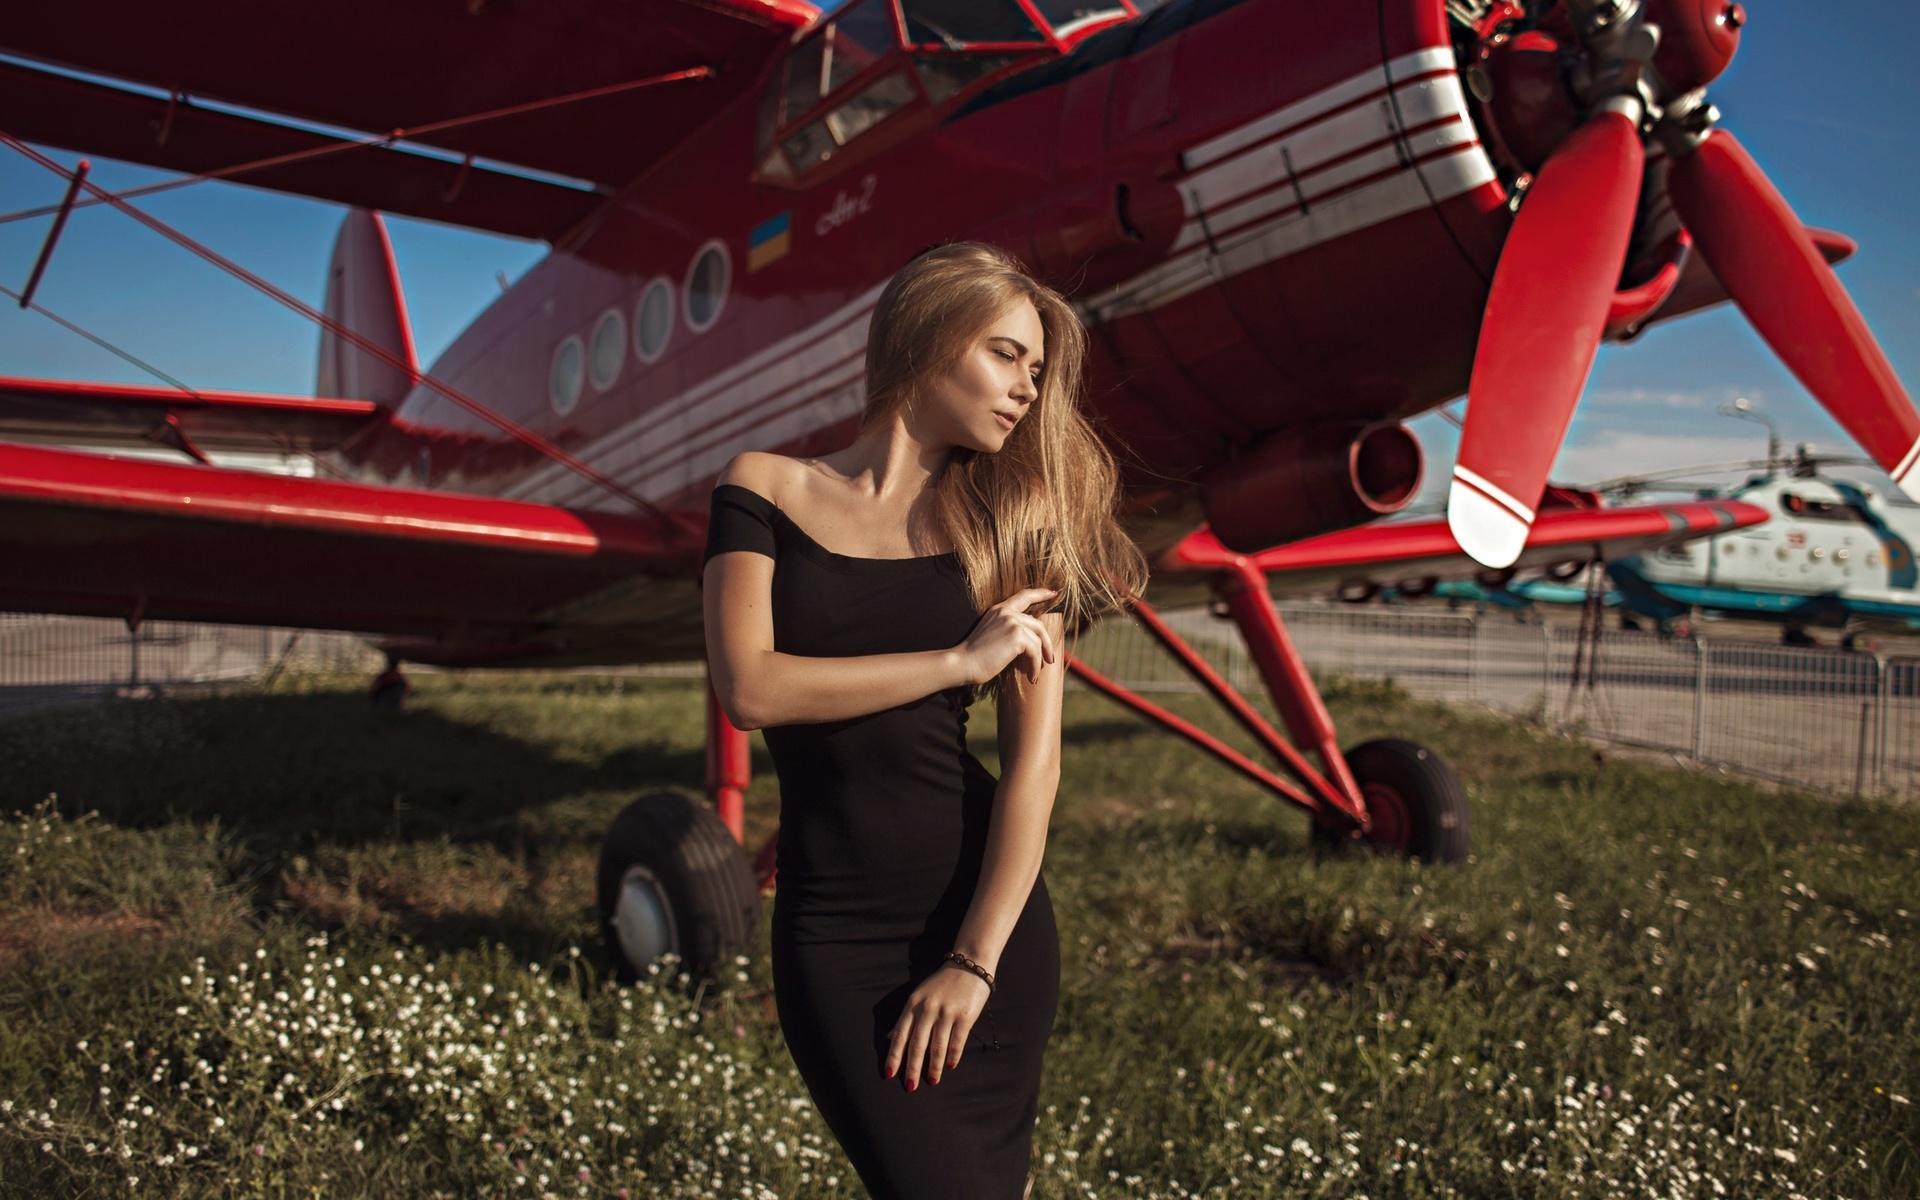 девушка, проф фото, анастасия кошелева, самолет, аэродром